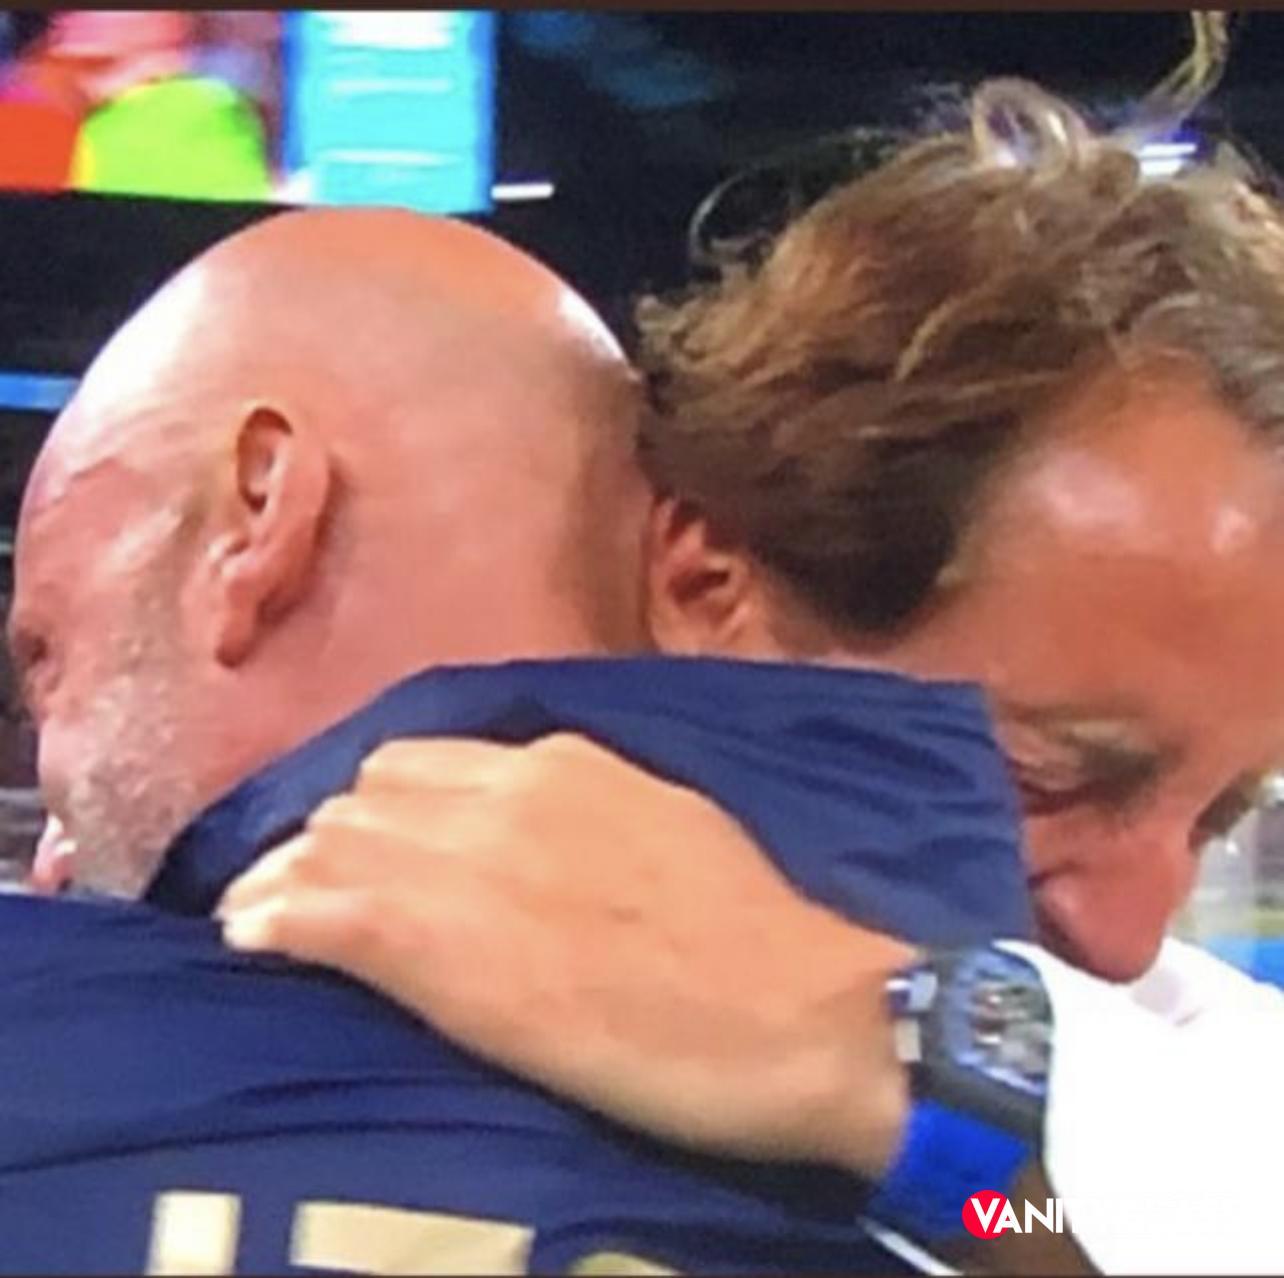 L'abbraccio tra Mancini e Vialli: una rivincita all'Italiana